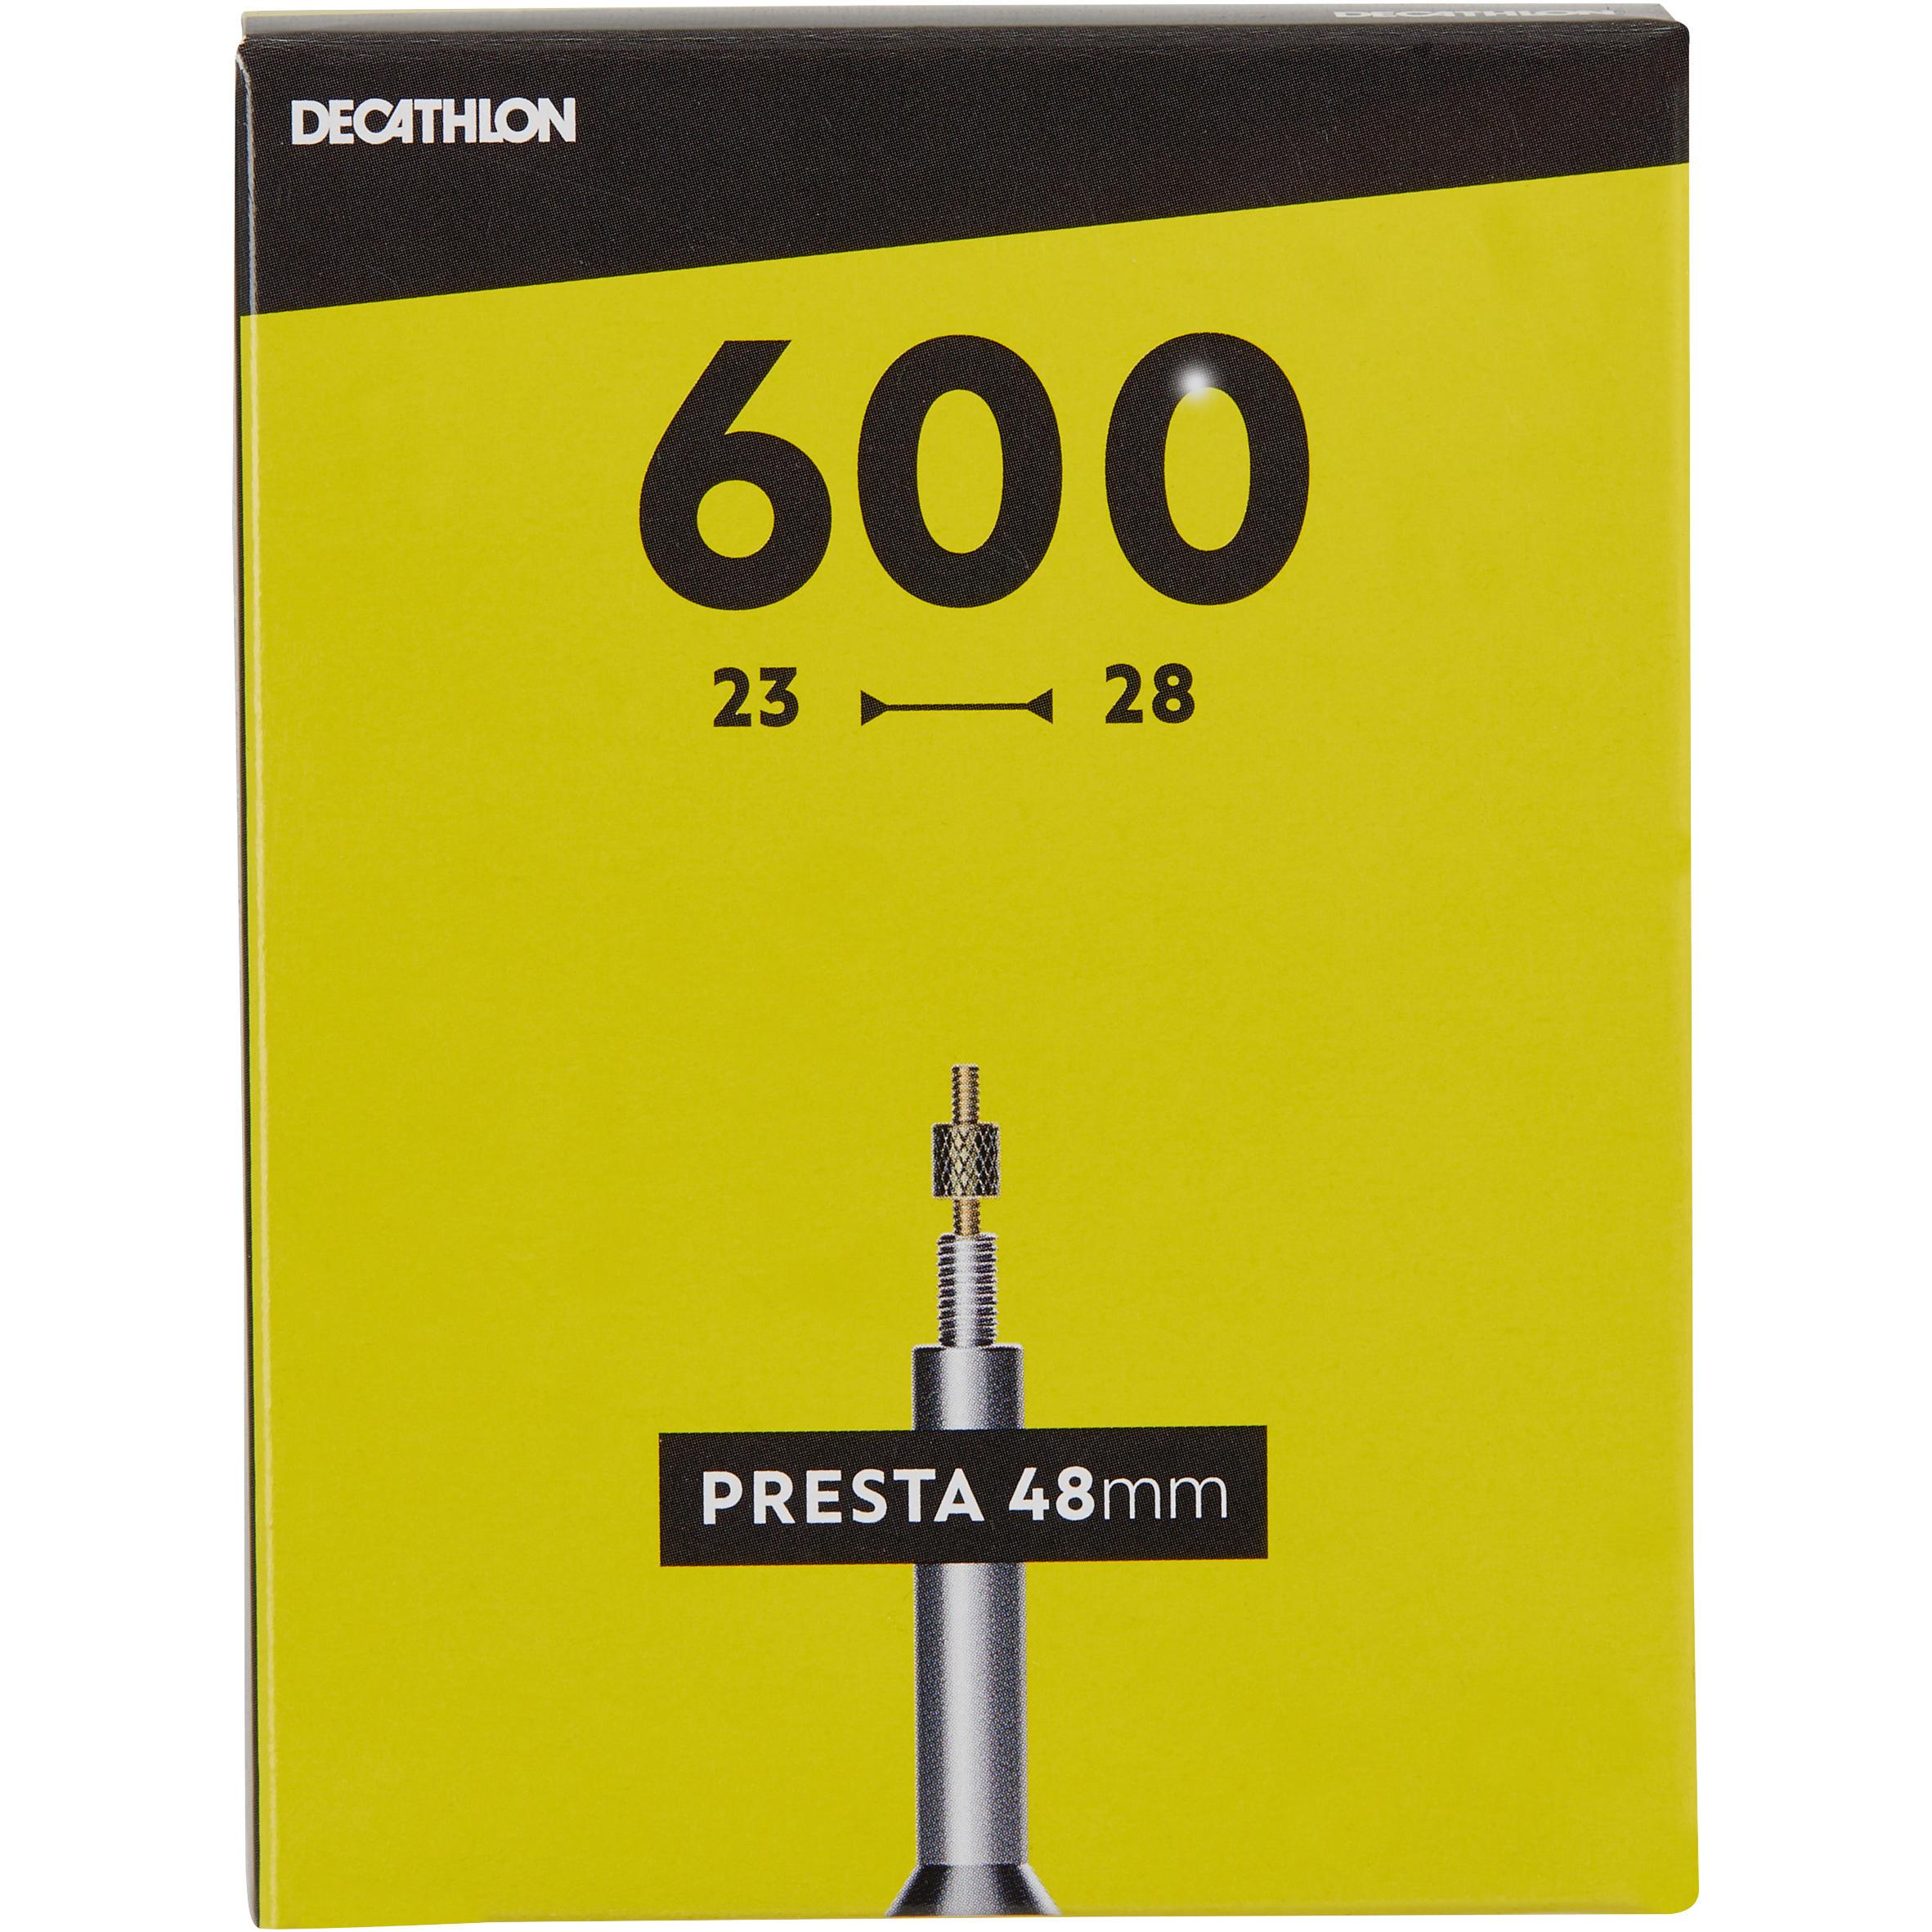 Cameră aer 600x23/28 PRESTA